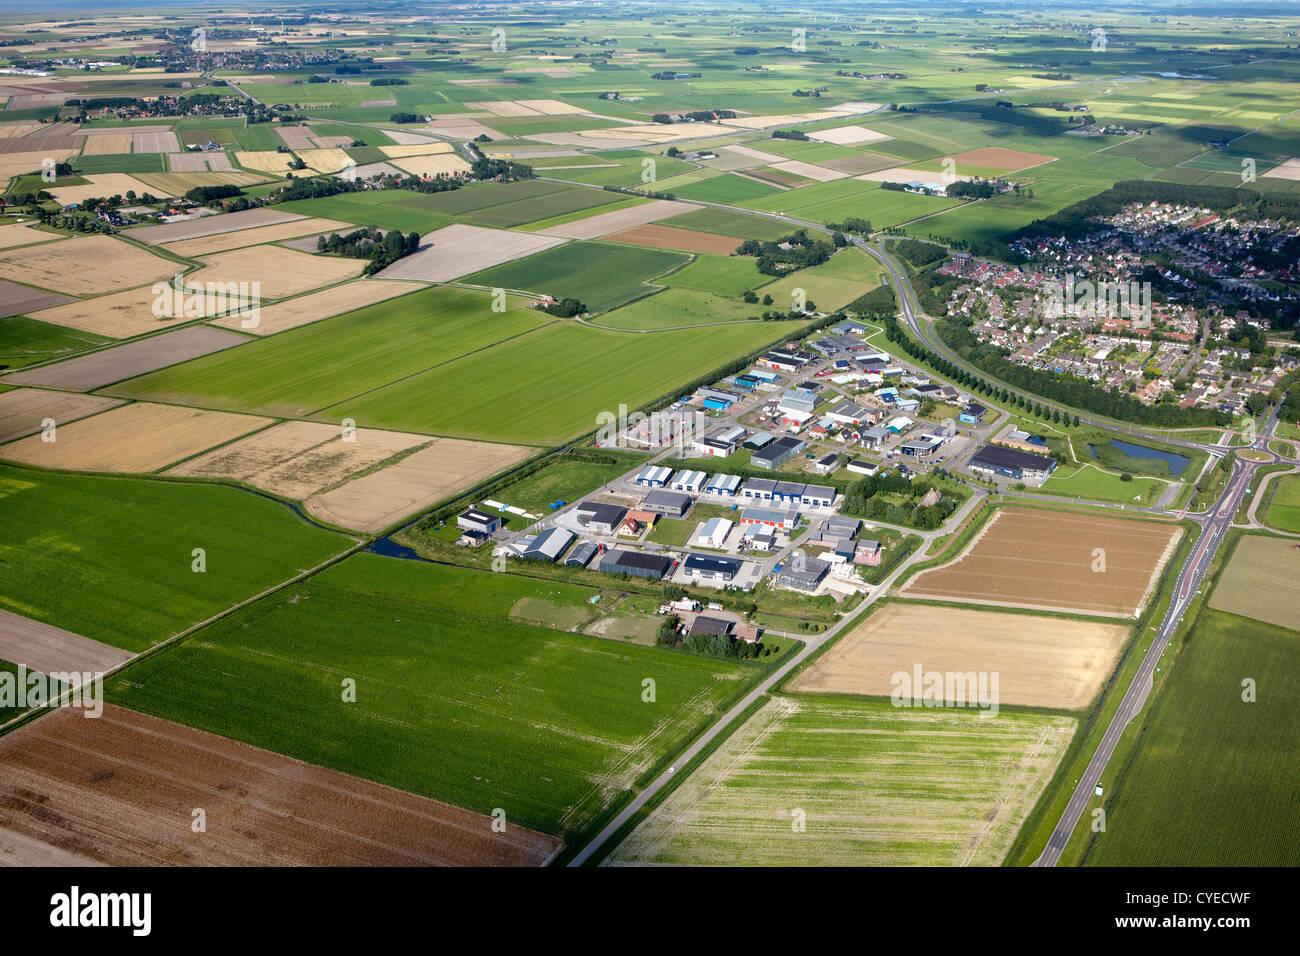 Los Países Bajos, cerca de Stiens, distrito industrial, granjas y campos de cultivo. Antena. Foto de stock